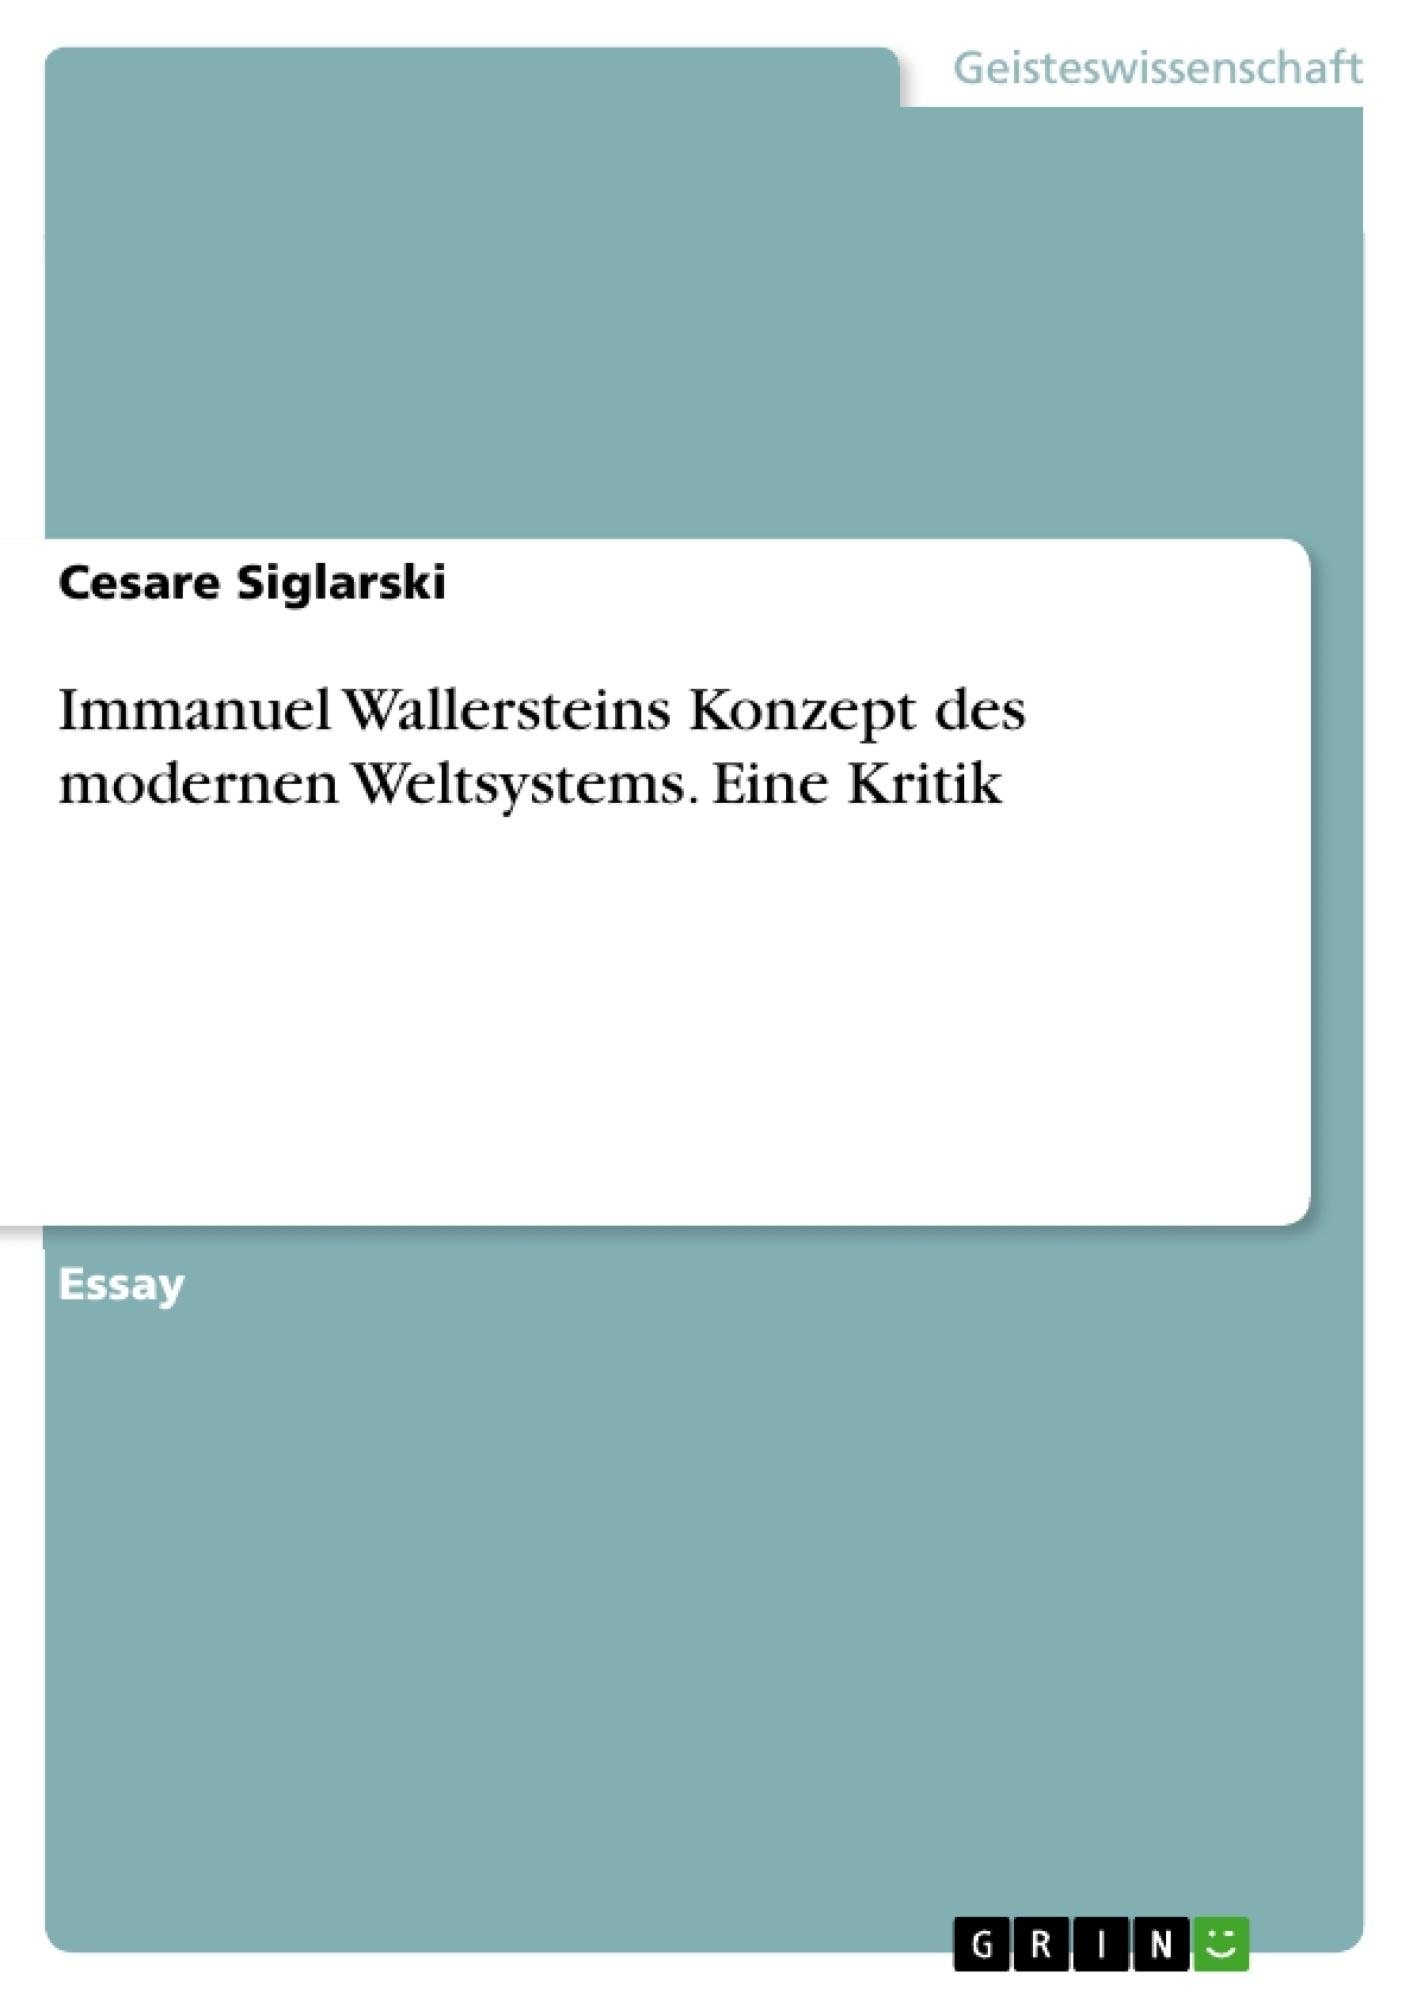 Titel: Immanuel Wallersteins Konzept des modernen Weltsystems. Eine Kritik